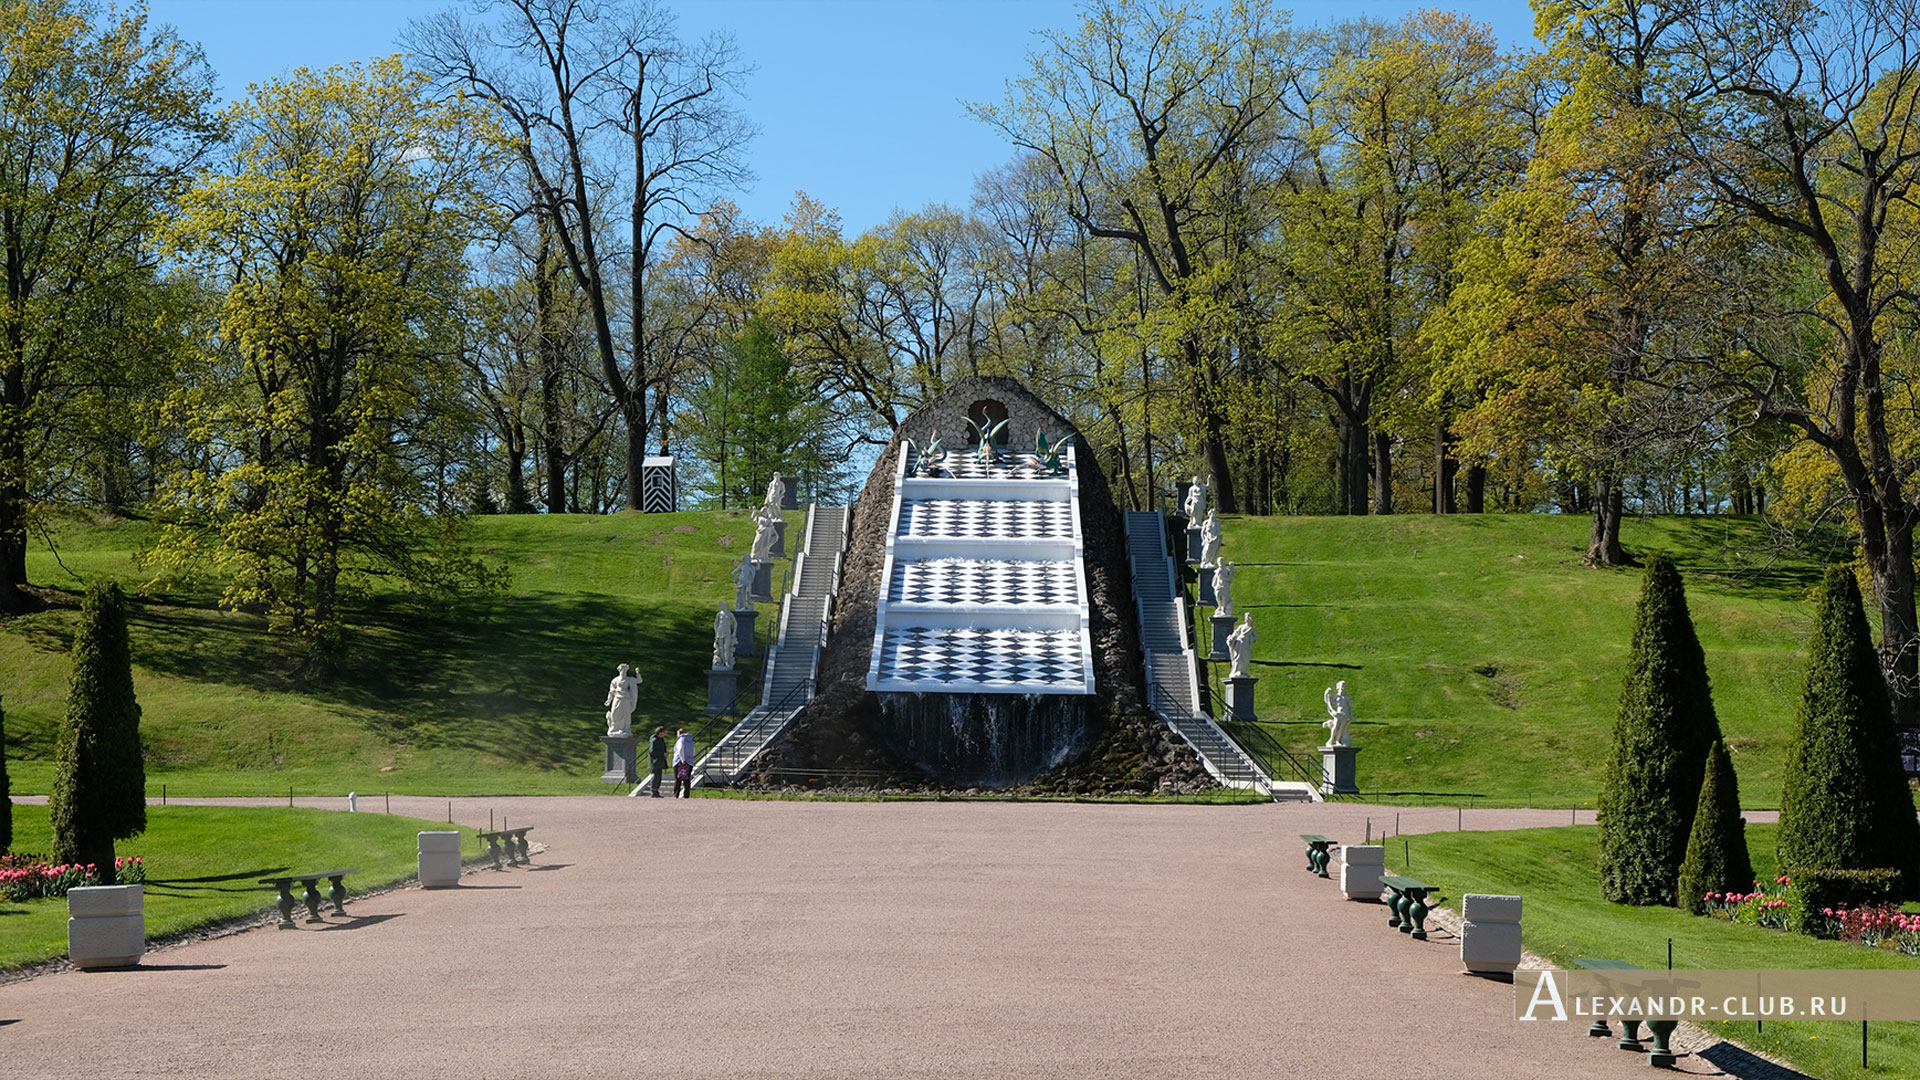 Петергоф, весна, Нижний парк, каскад «Шахматная гора»